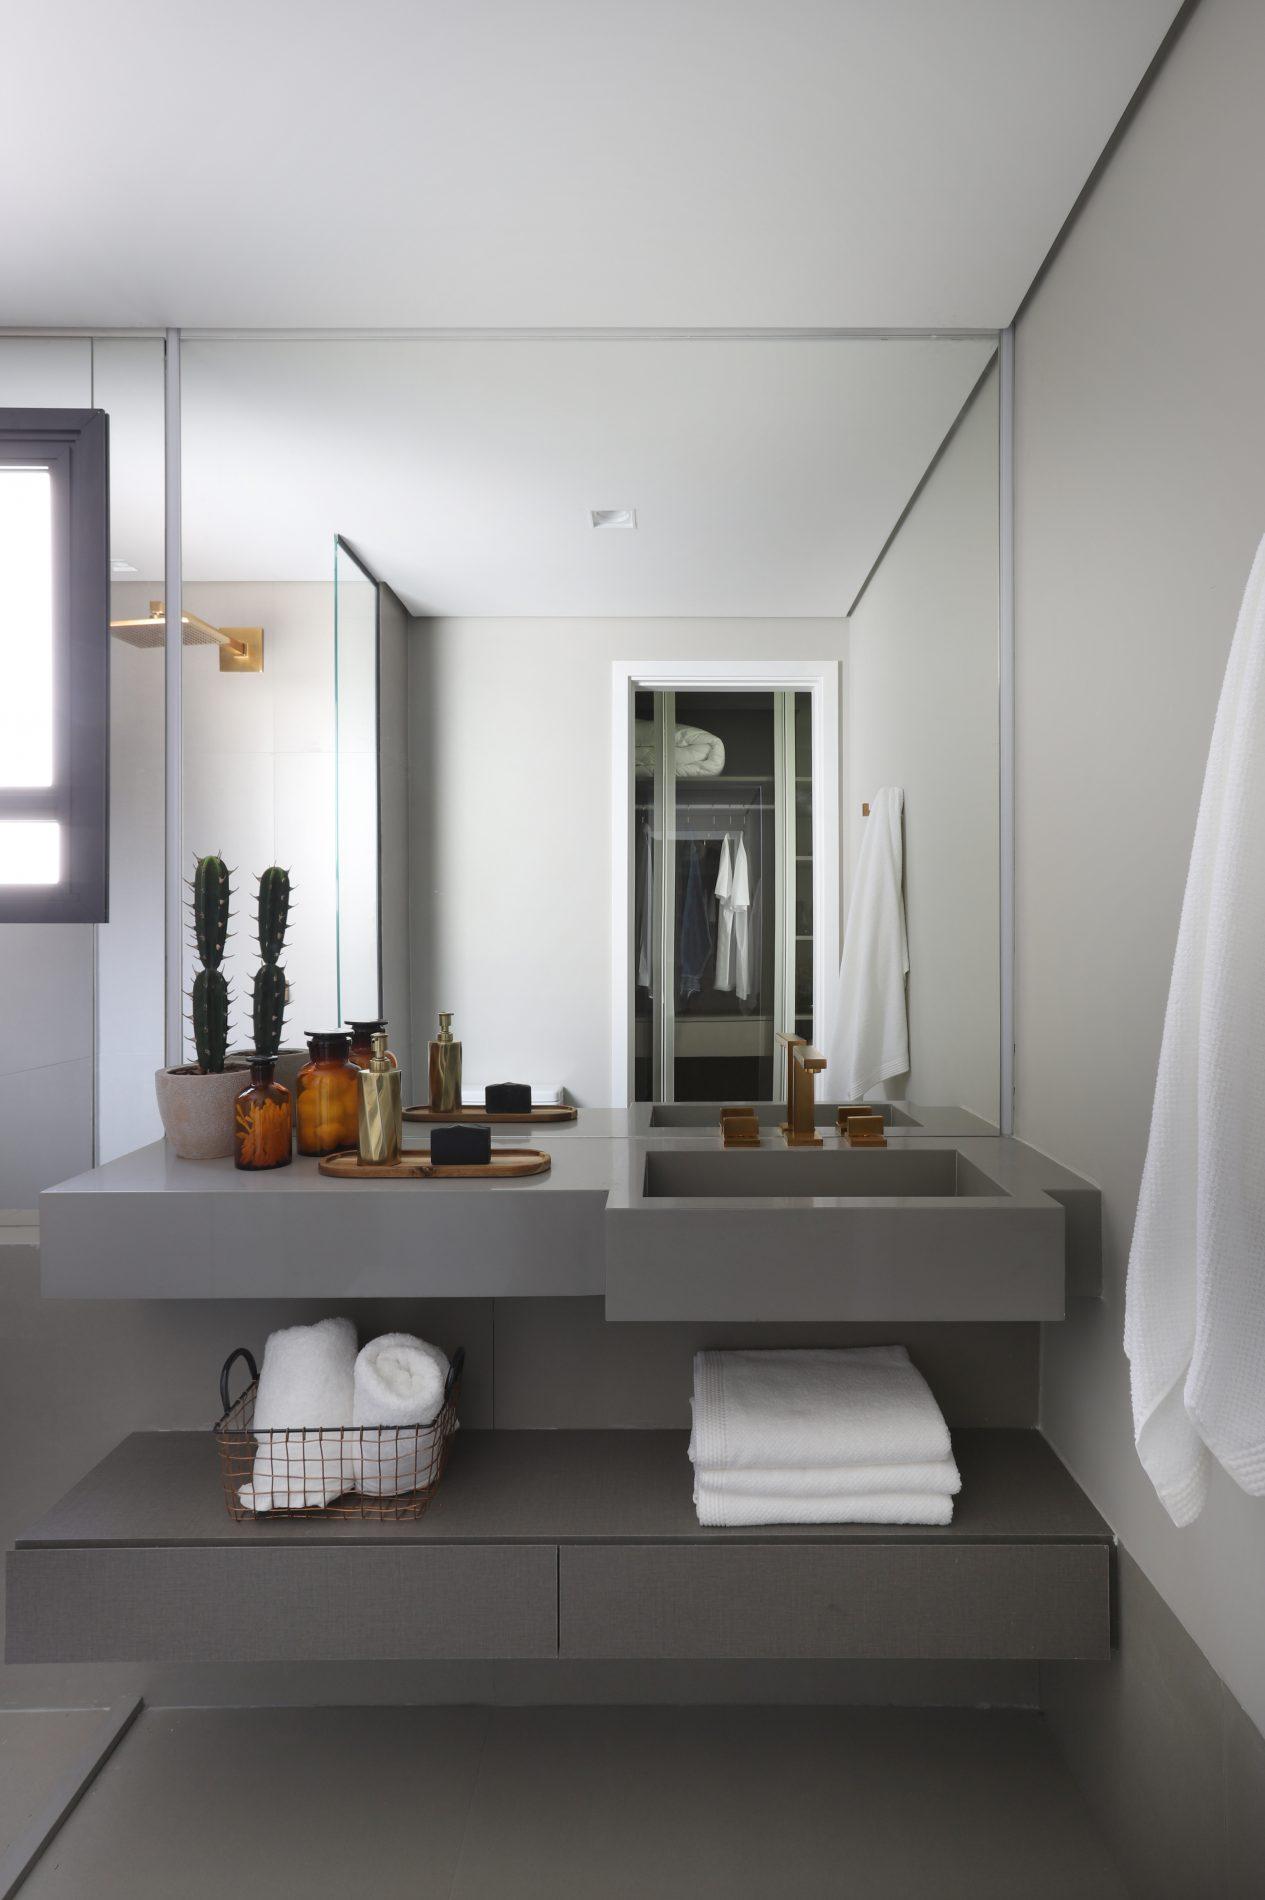 05_Banheiro IMG_7577-1